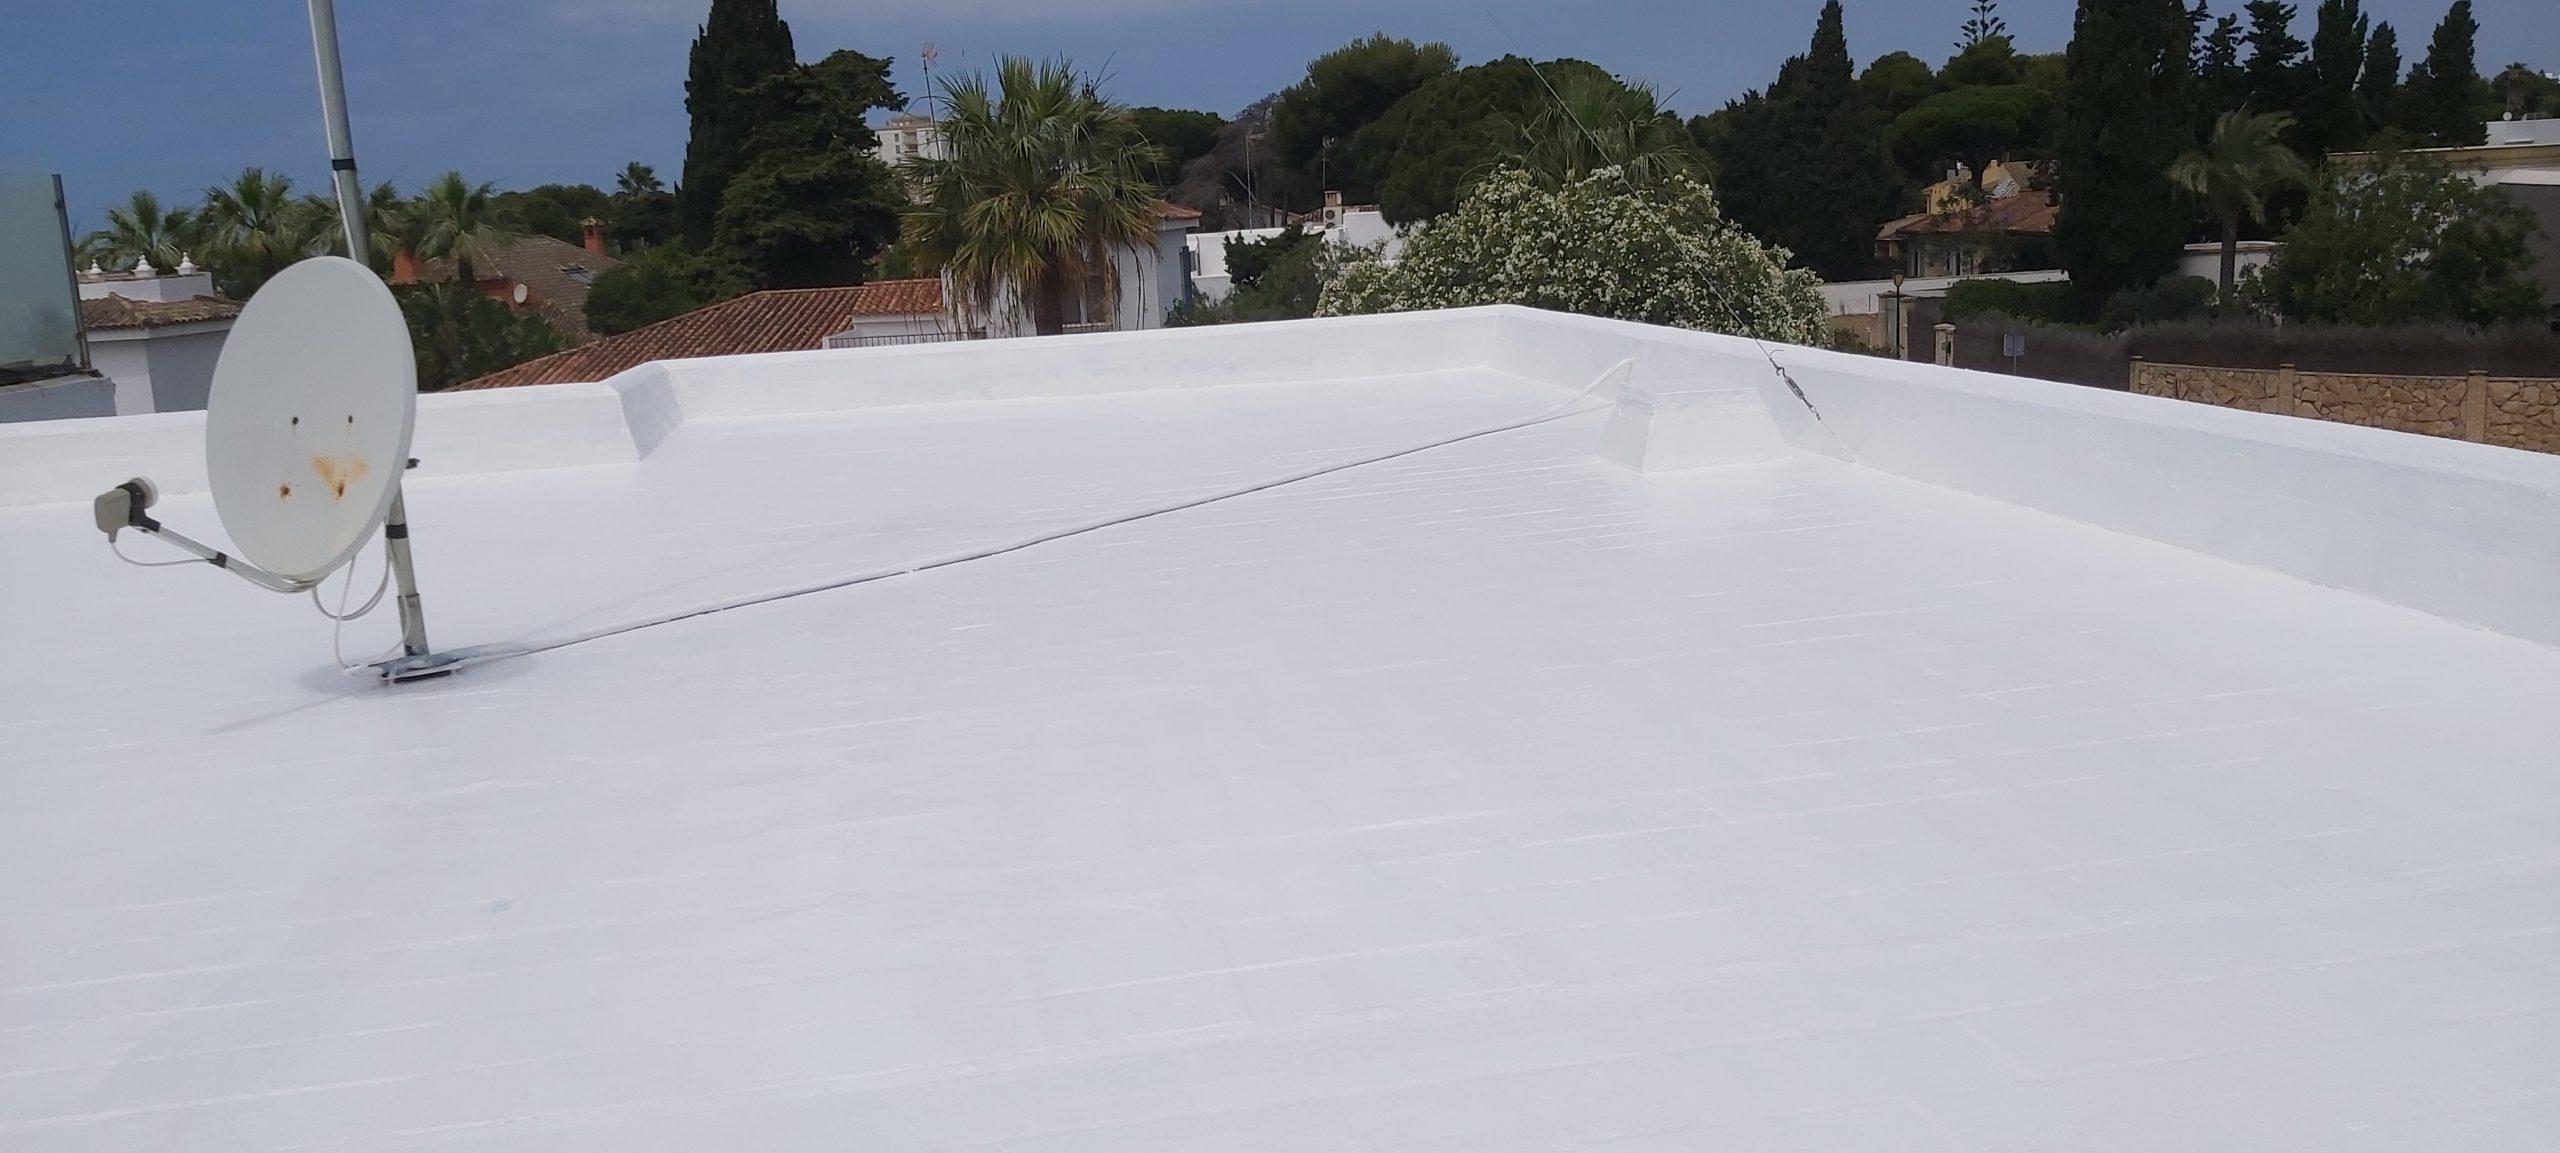 Impermeabilización y pintado de cubierta en color blanco